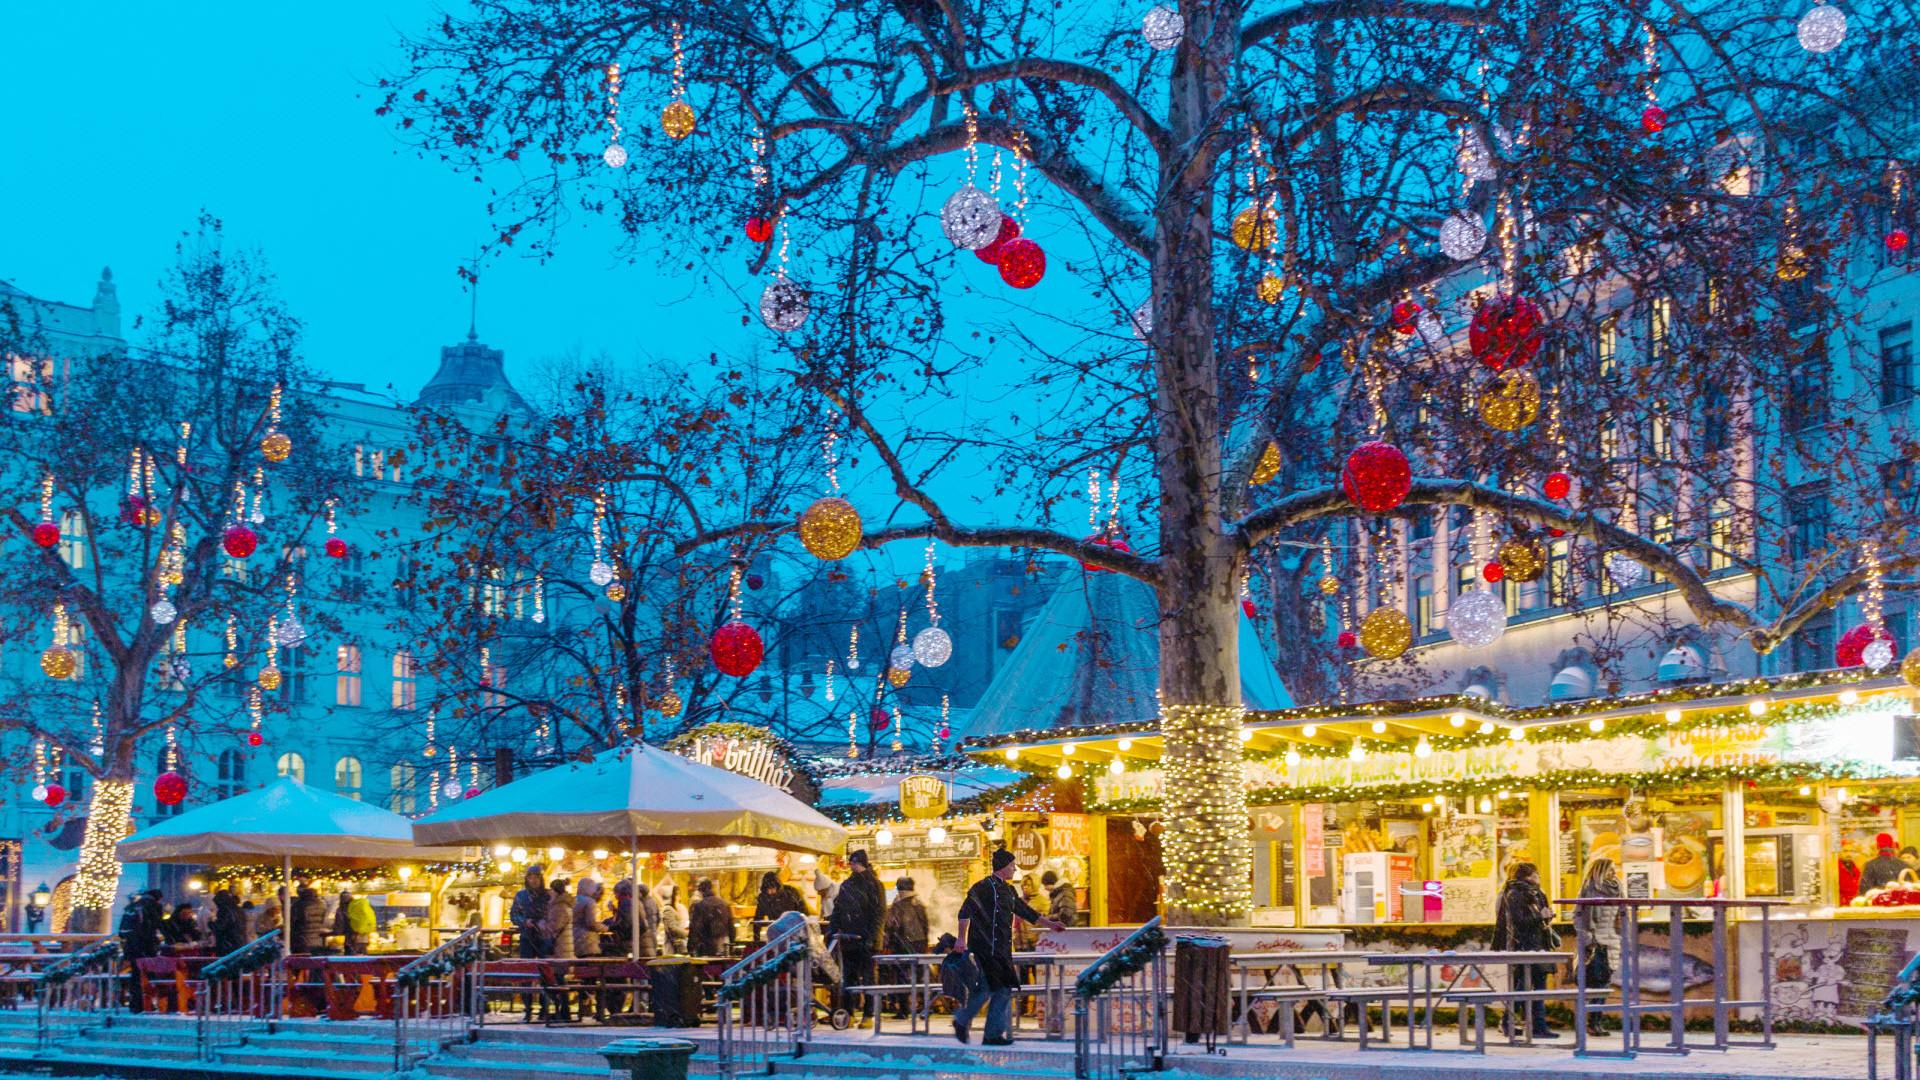 Schönster Weihnachtsmarkt Deutschlands.Die 7 Schönsten Weihnachtsmärkte In Europa Noizz